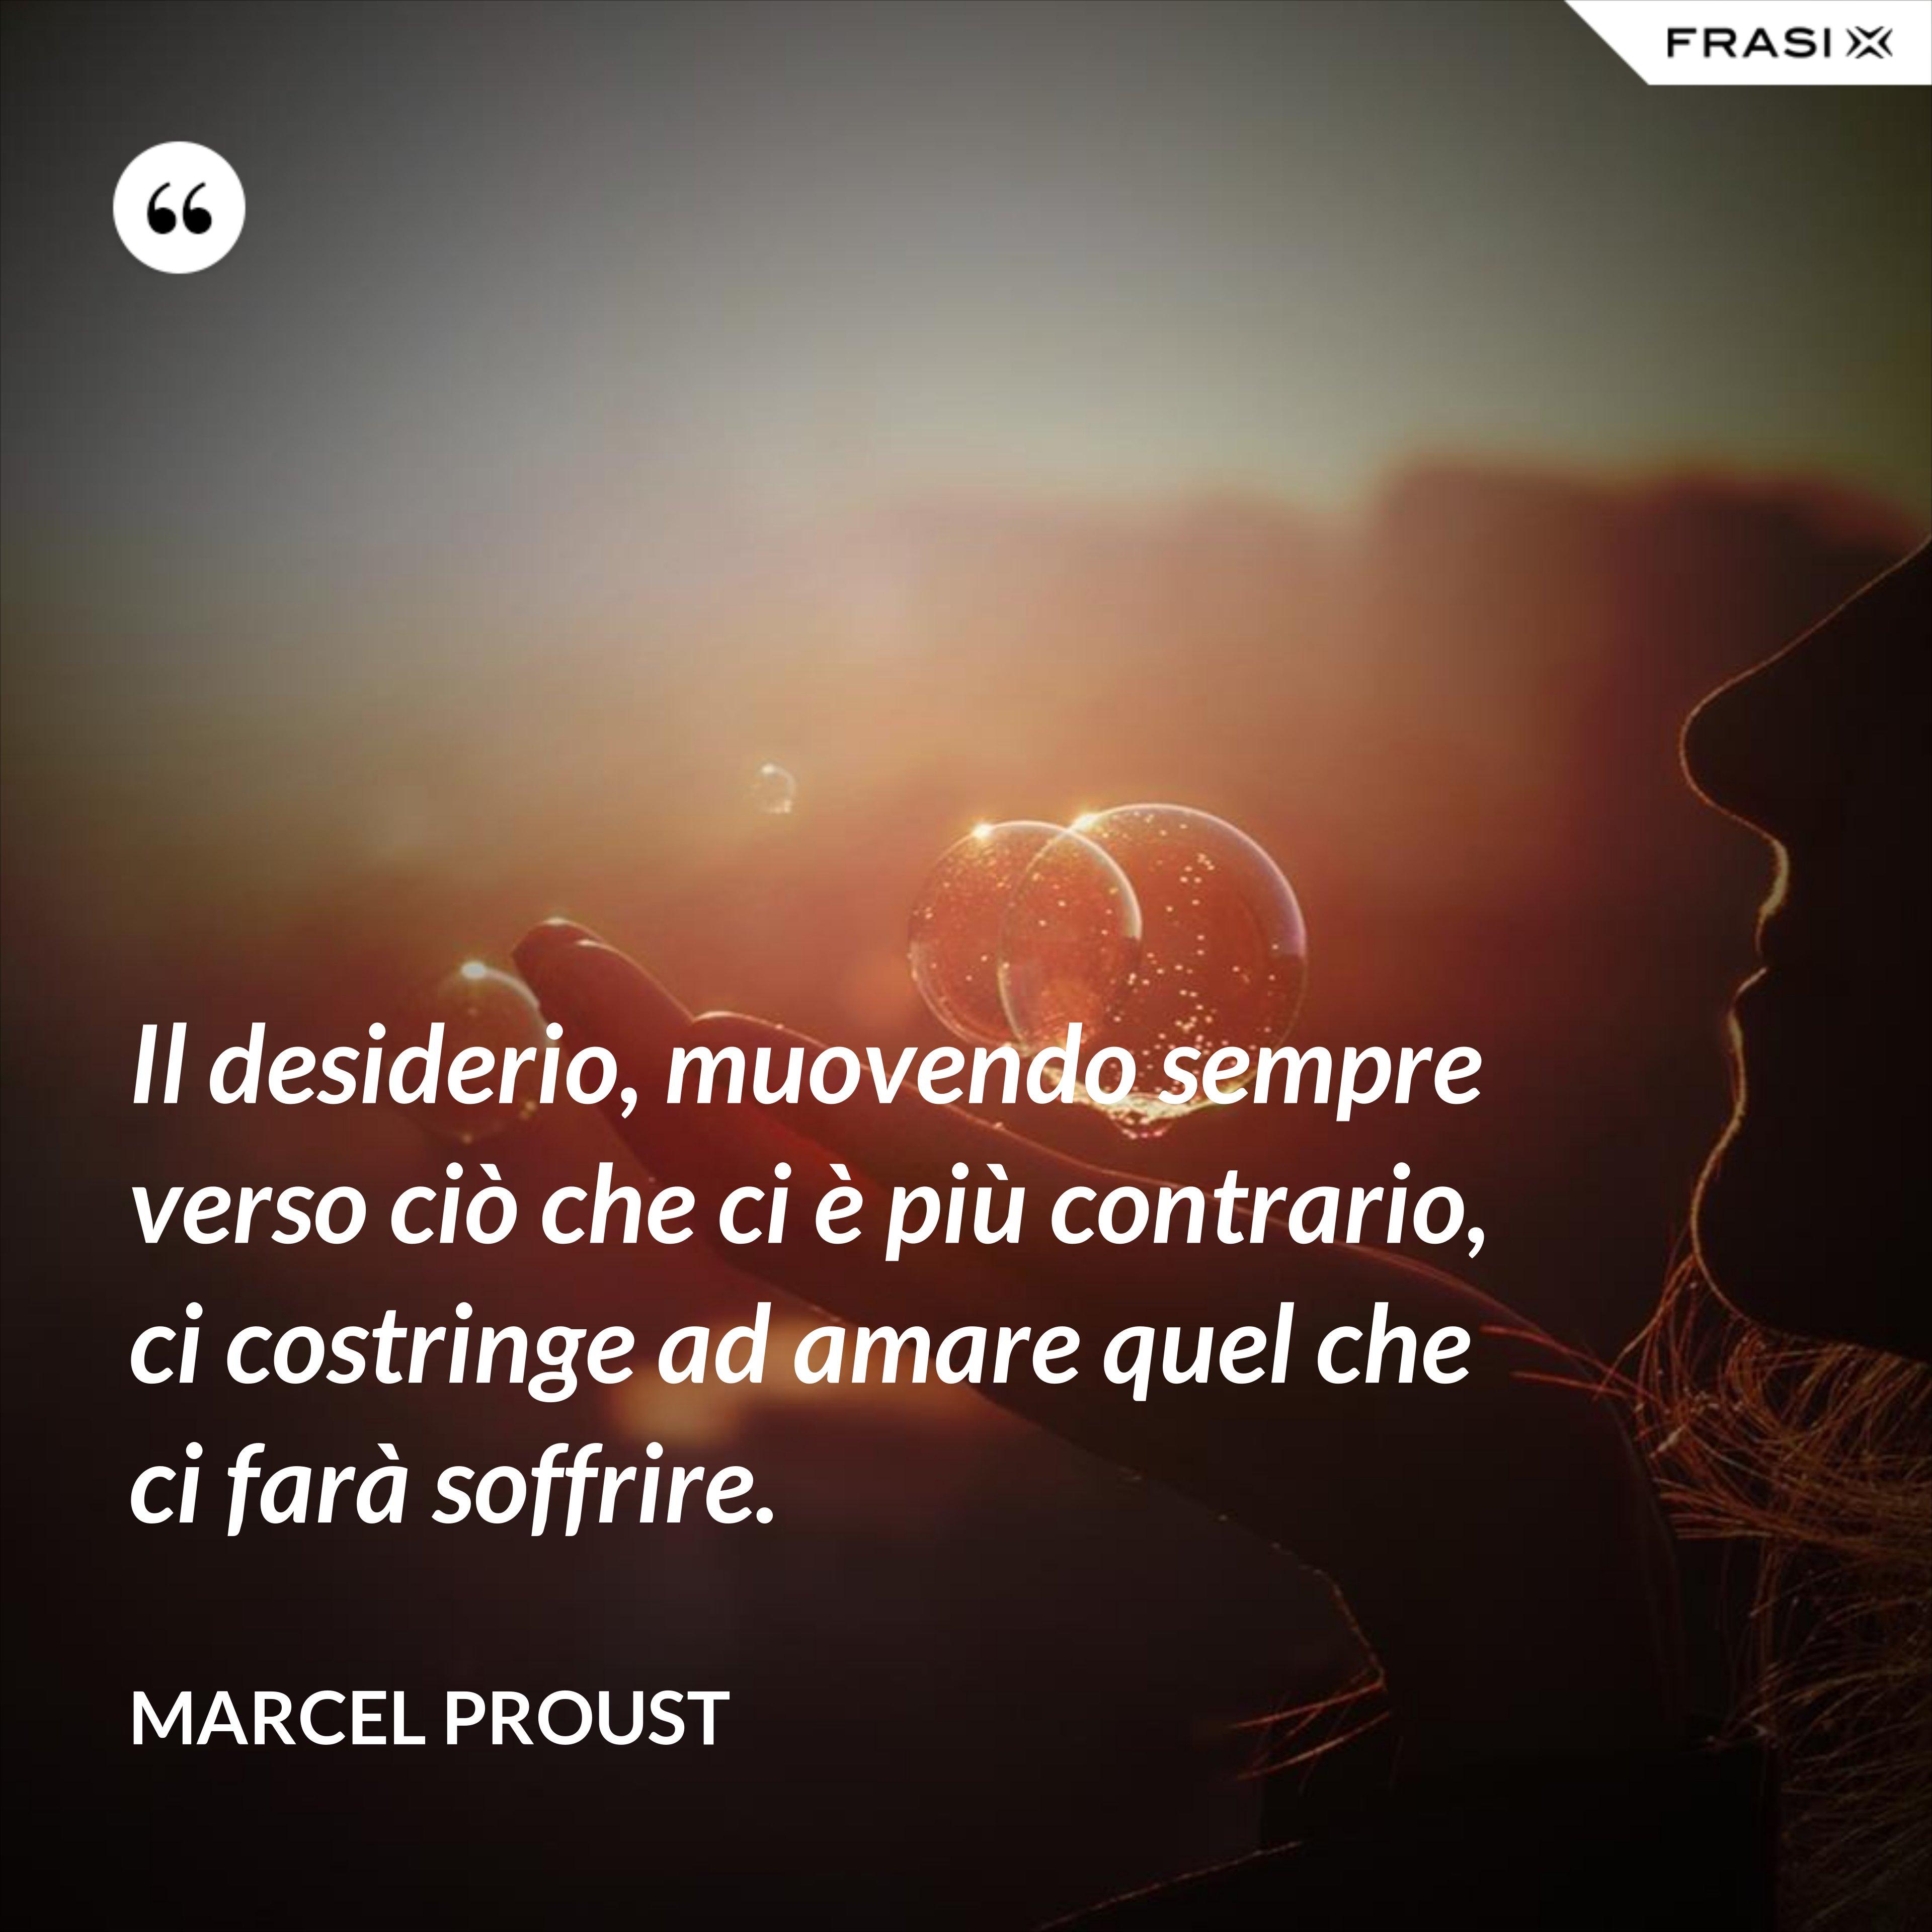 Il desiderio, muovendo sempre verso ciò che ci è più contrario, ci costringe ad amare quel che ci farà soffrire. - Marcel Proust